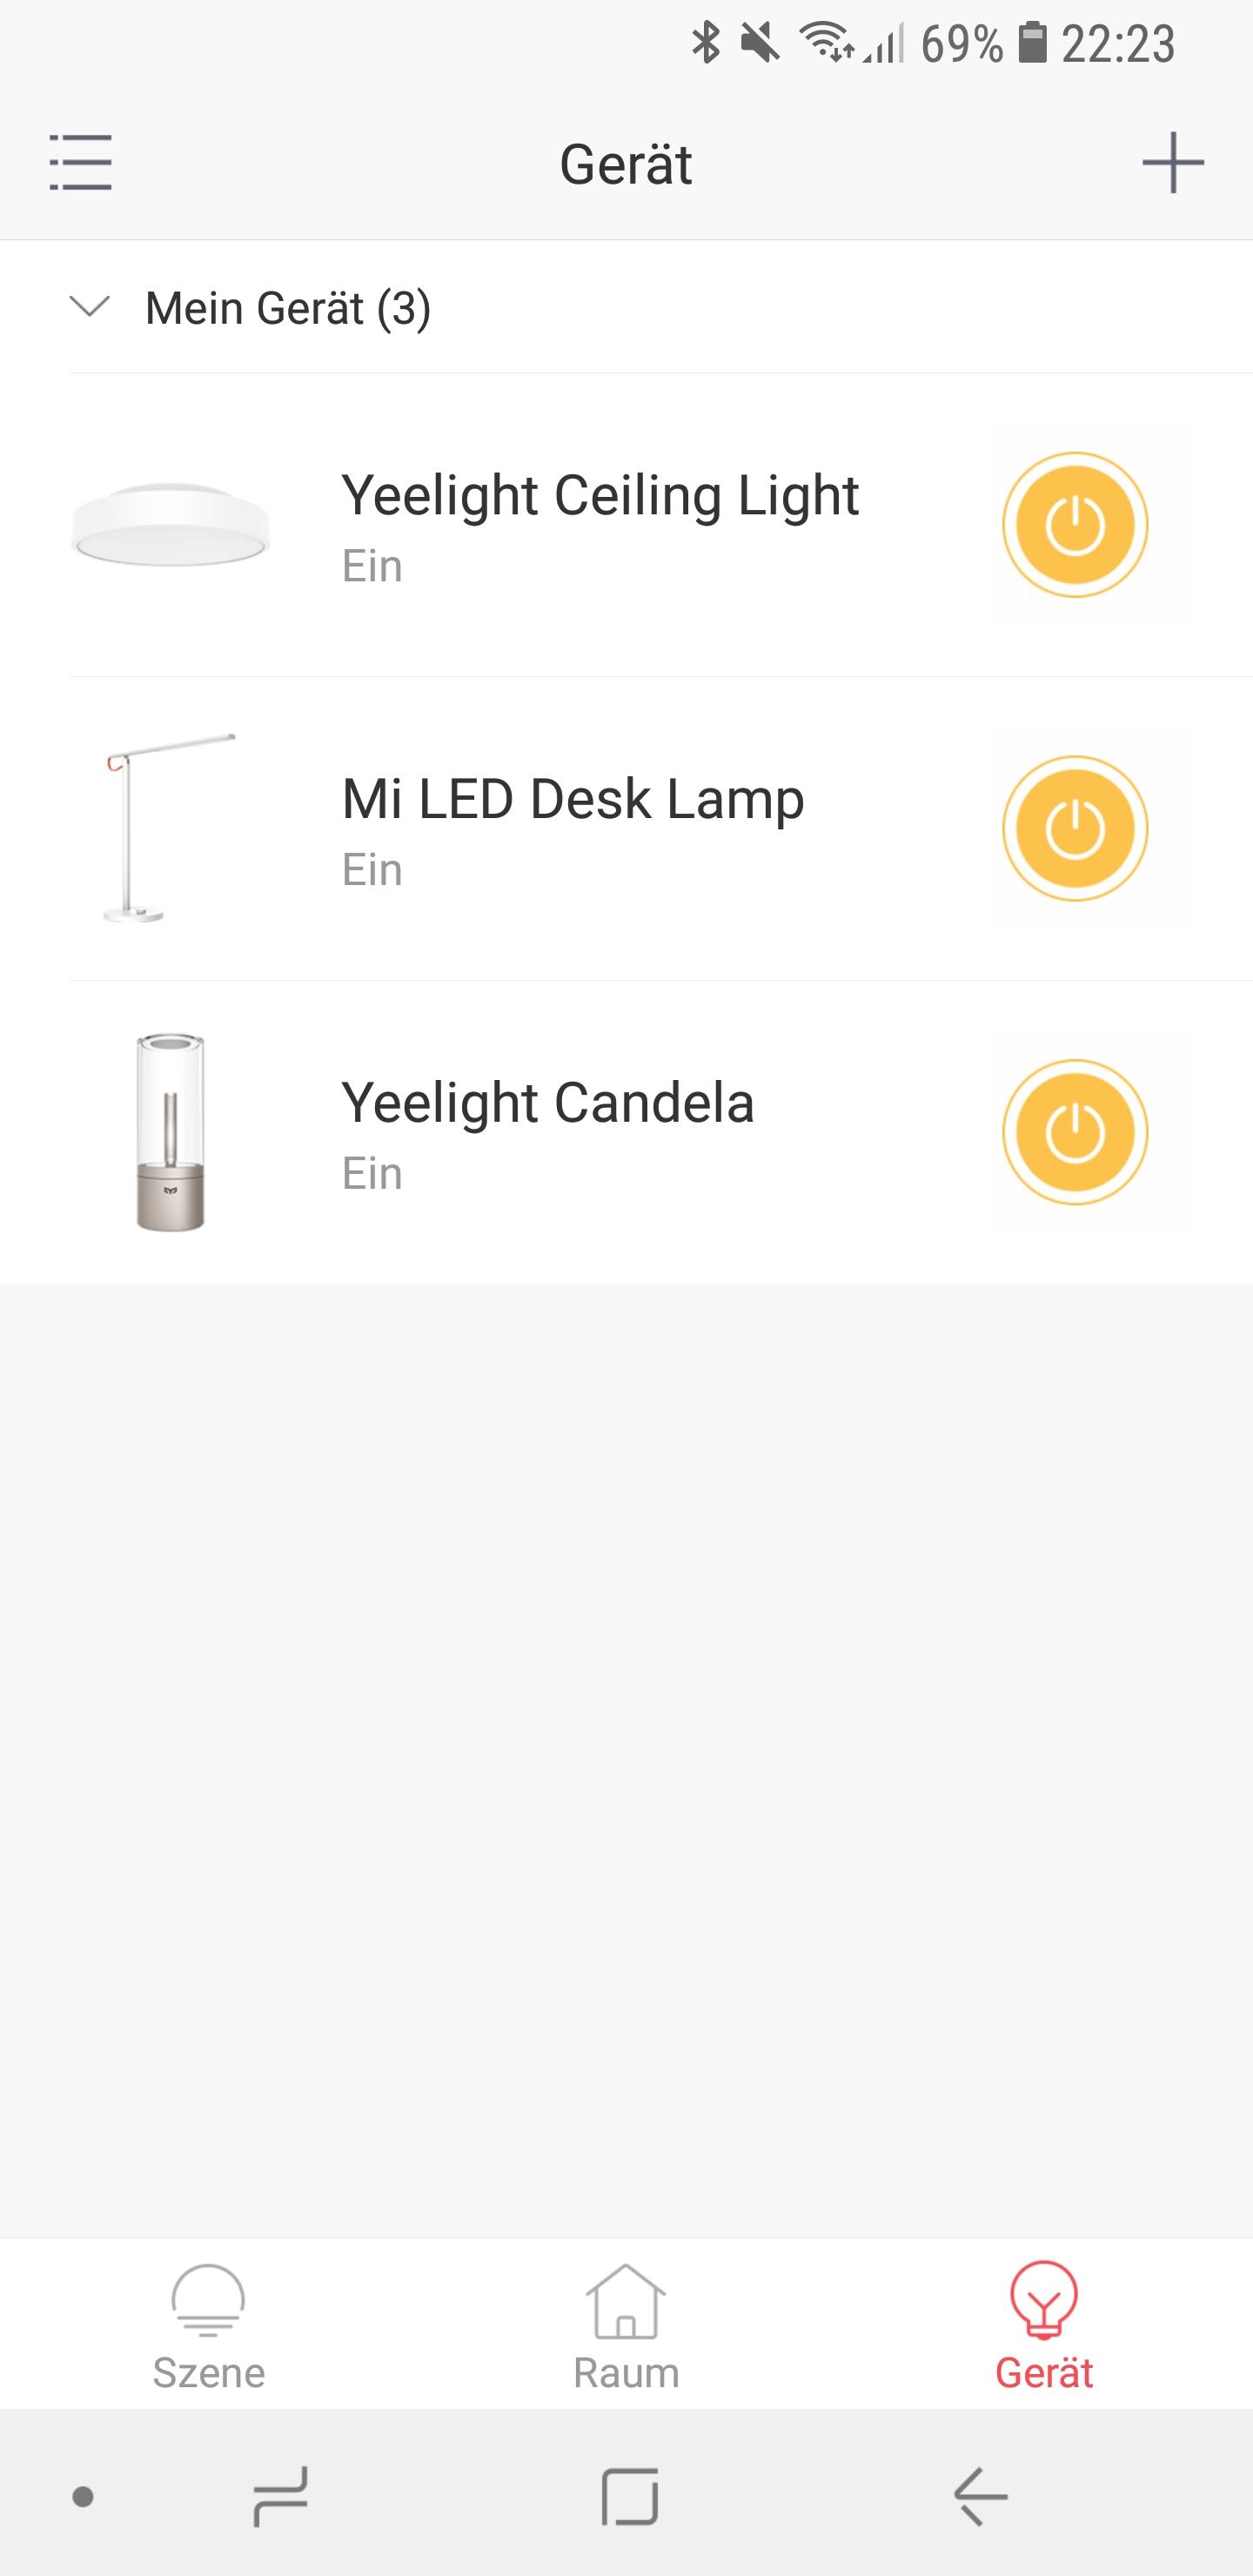 Xiaomi Yeelight Candela App 7